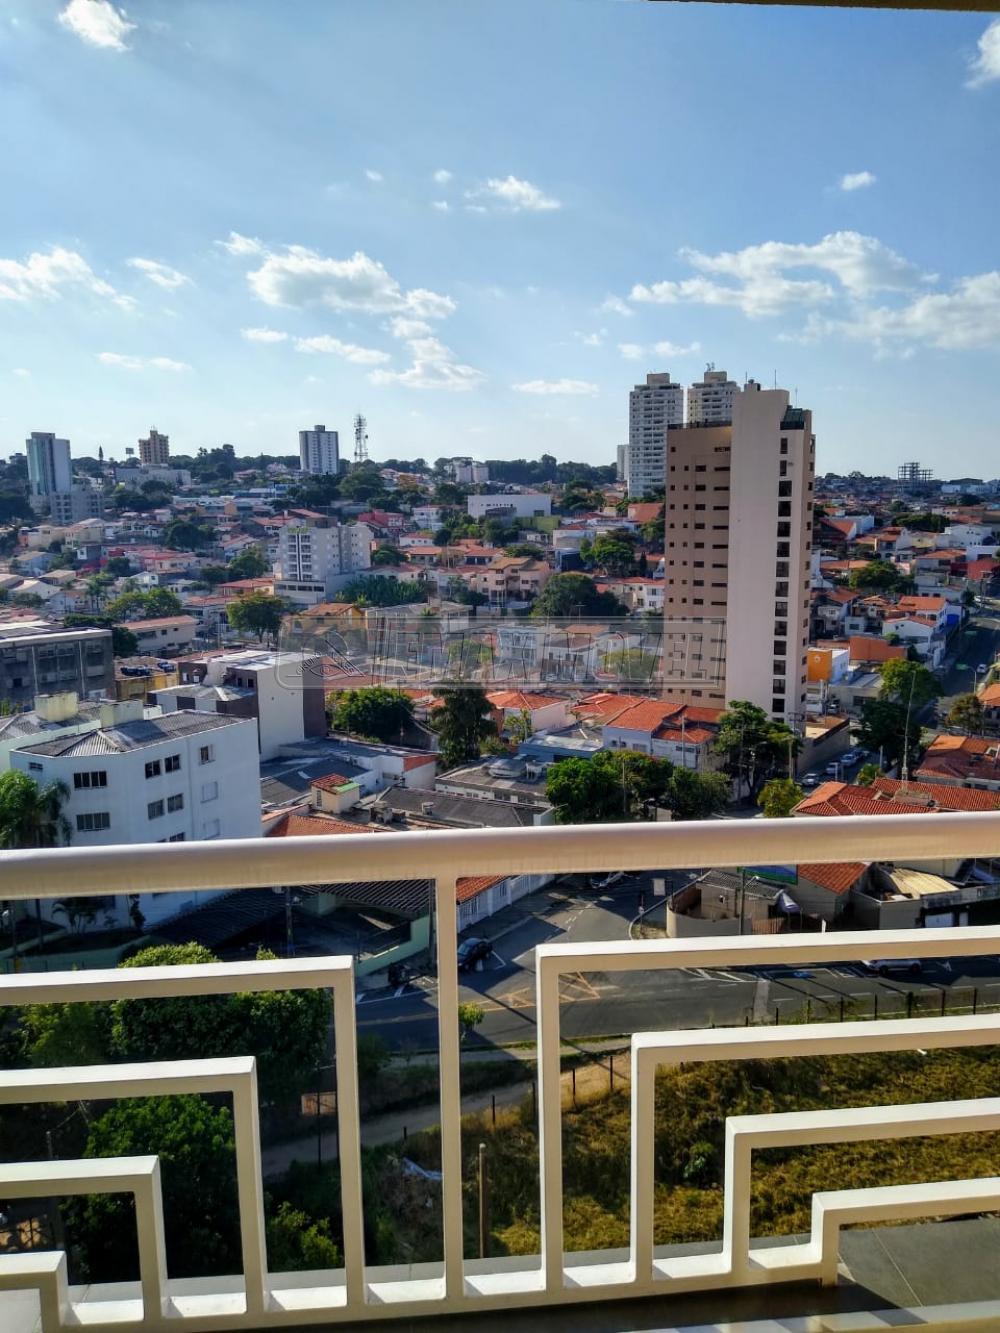 Comprar Apartamento / Padrão em Sorocaba R$ 1.166.000,00 - Foto 6